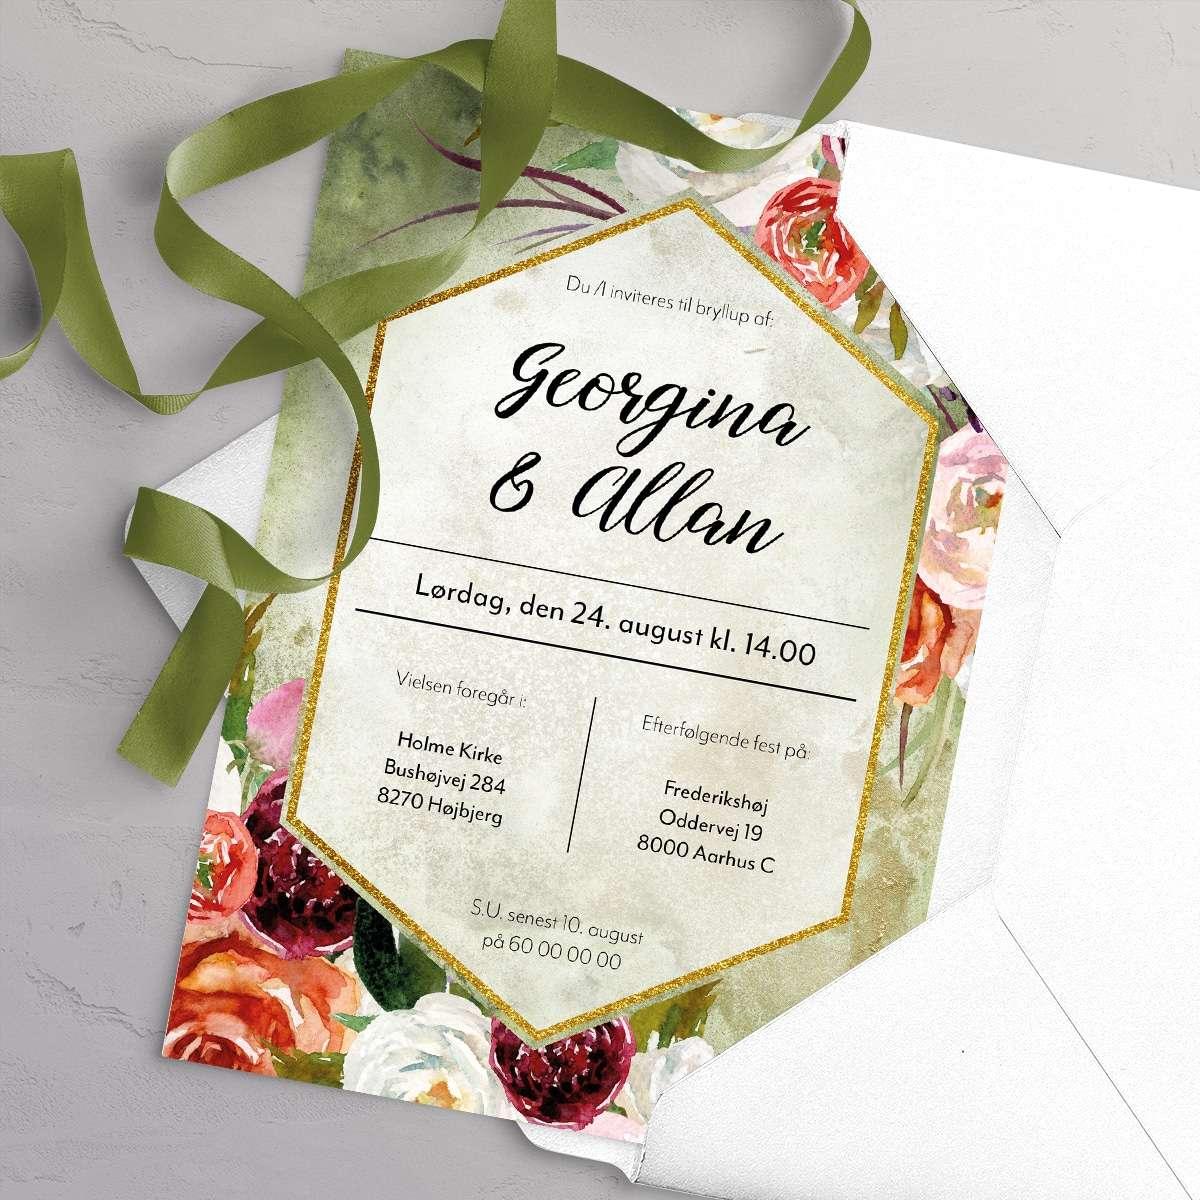 Bryllupsinvitationen Fleur Olive Trendfarve 2021 - Willow med satinbånd og hvid C5 kuvert